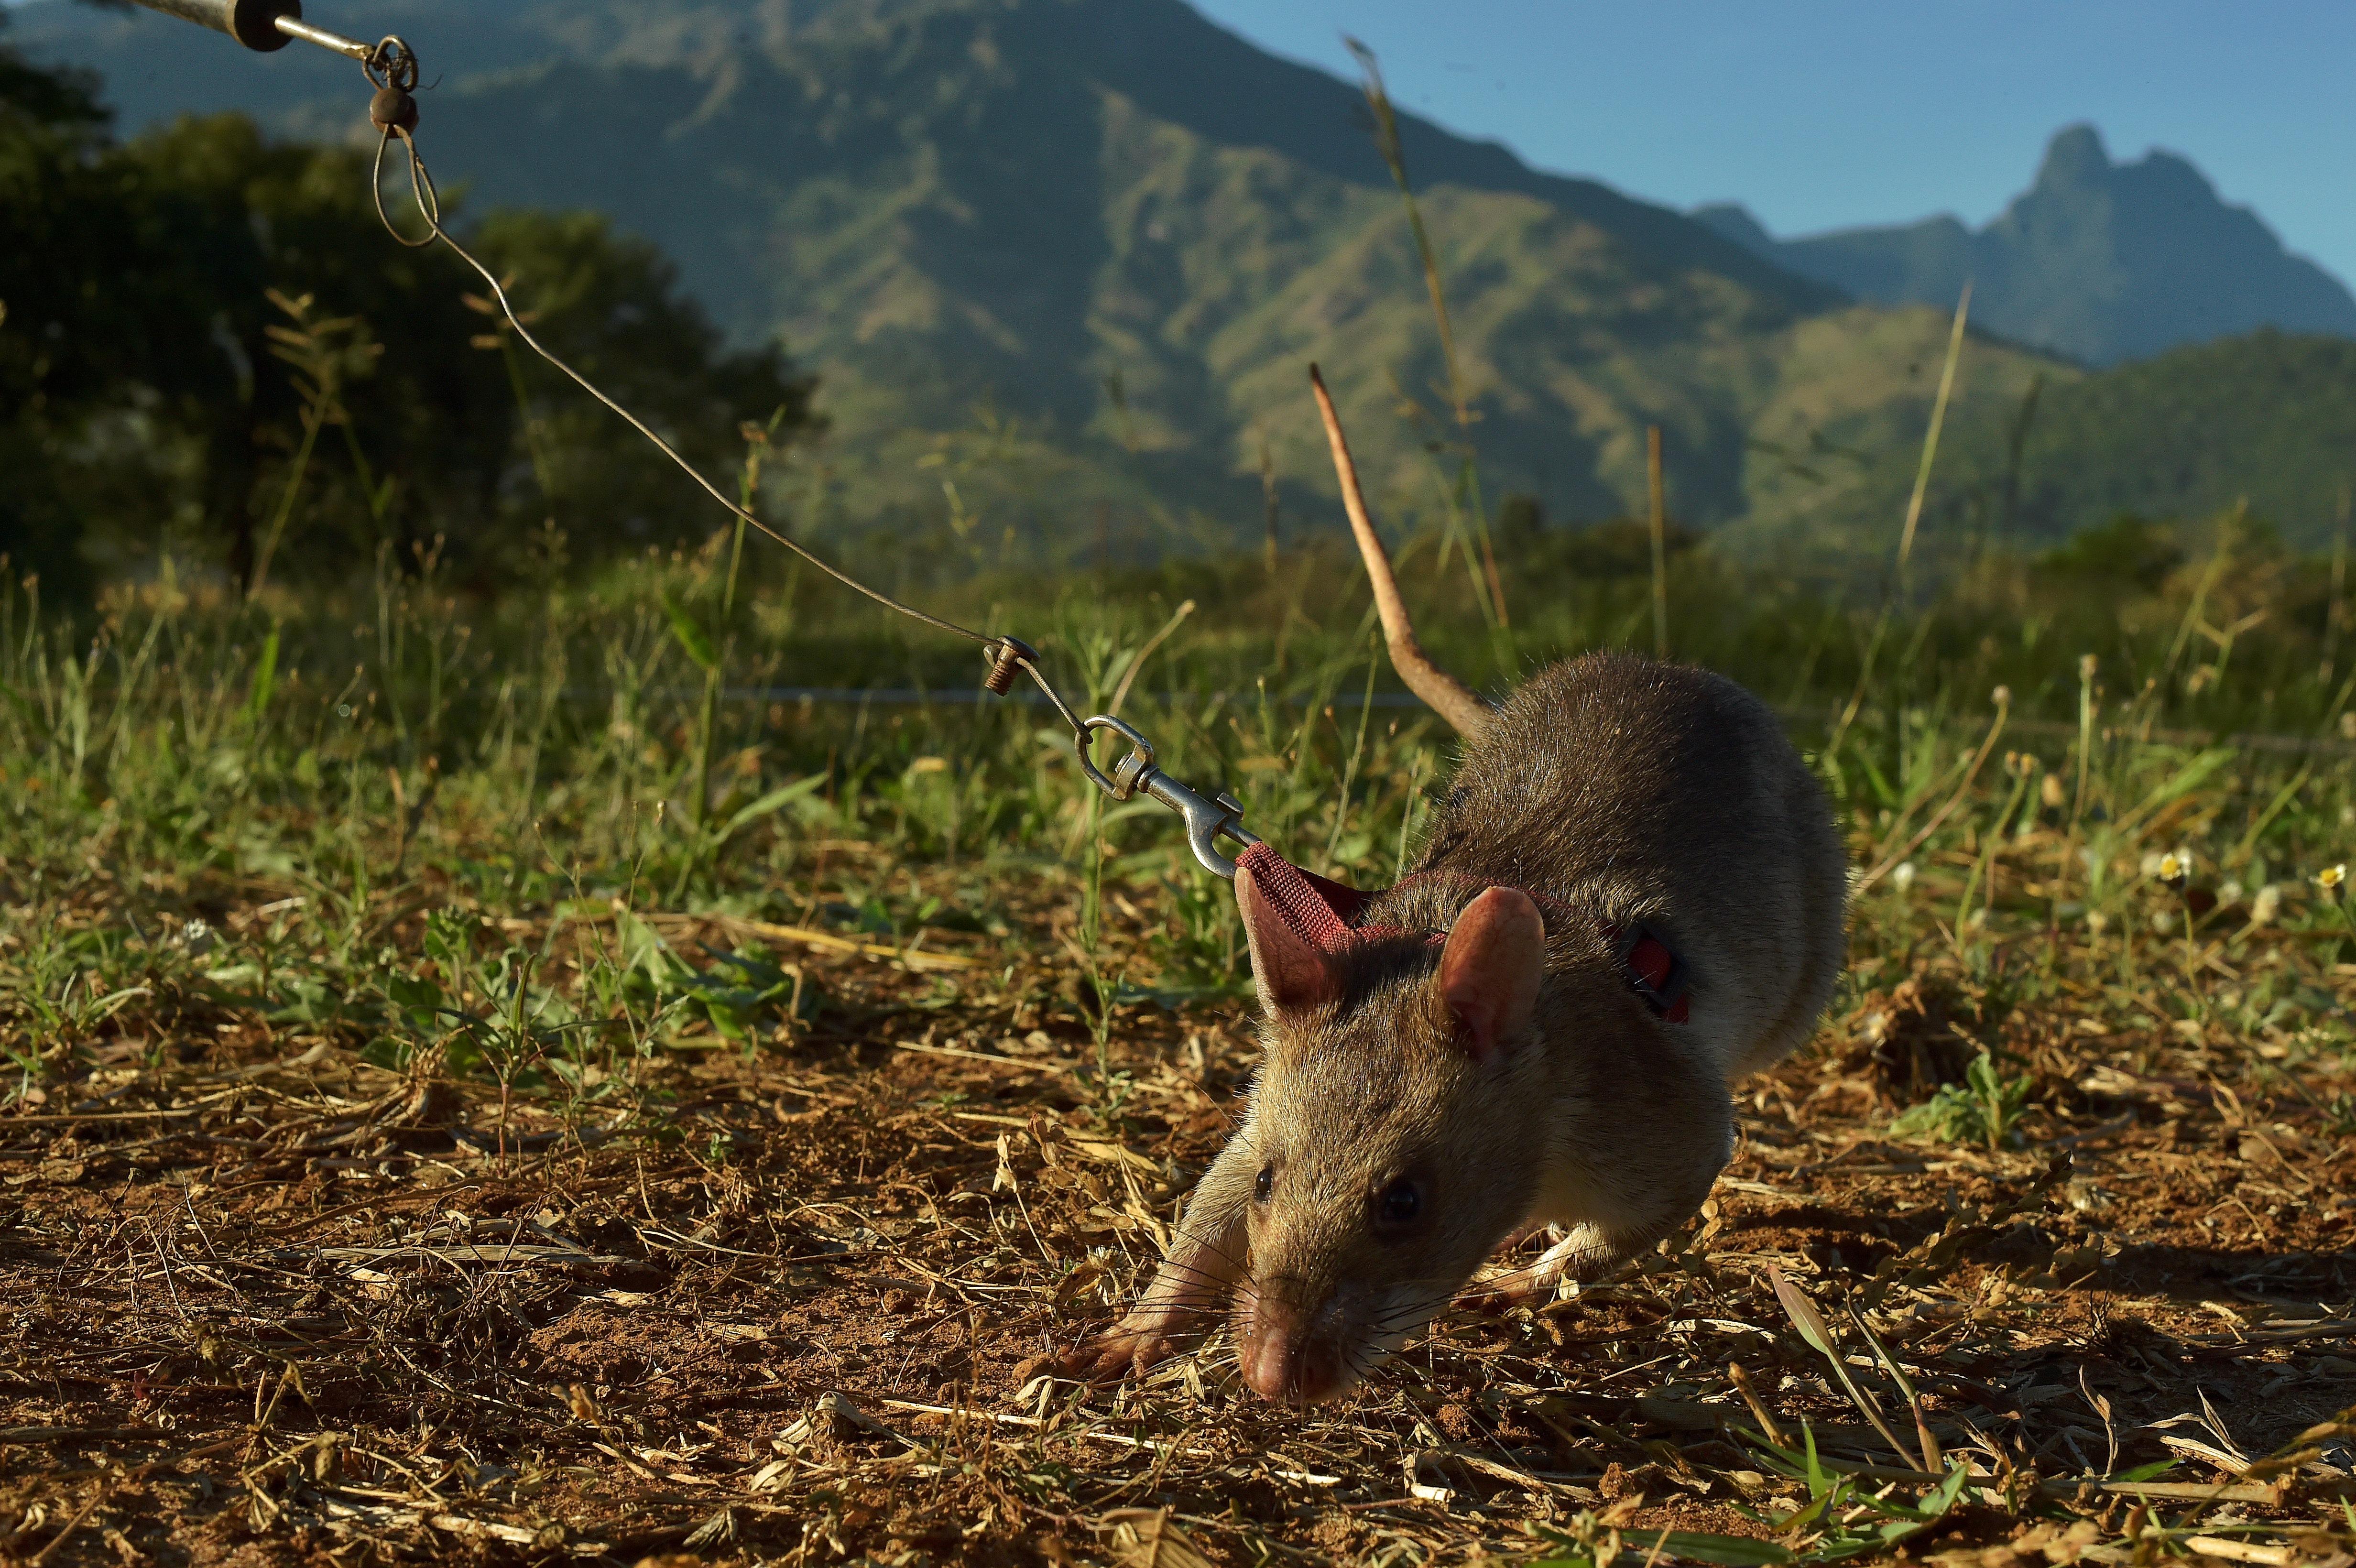 Aranymedállal jutalmazták a patkányt, aki taposóaknákat derített fel